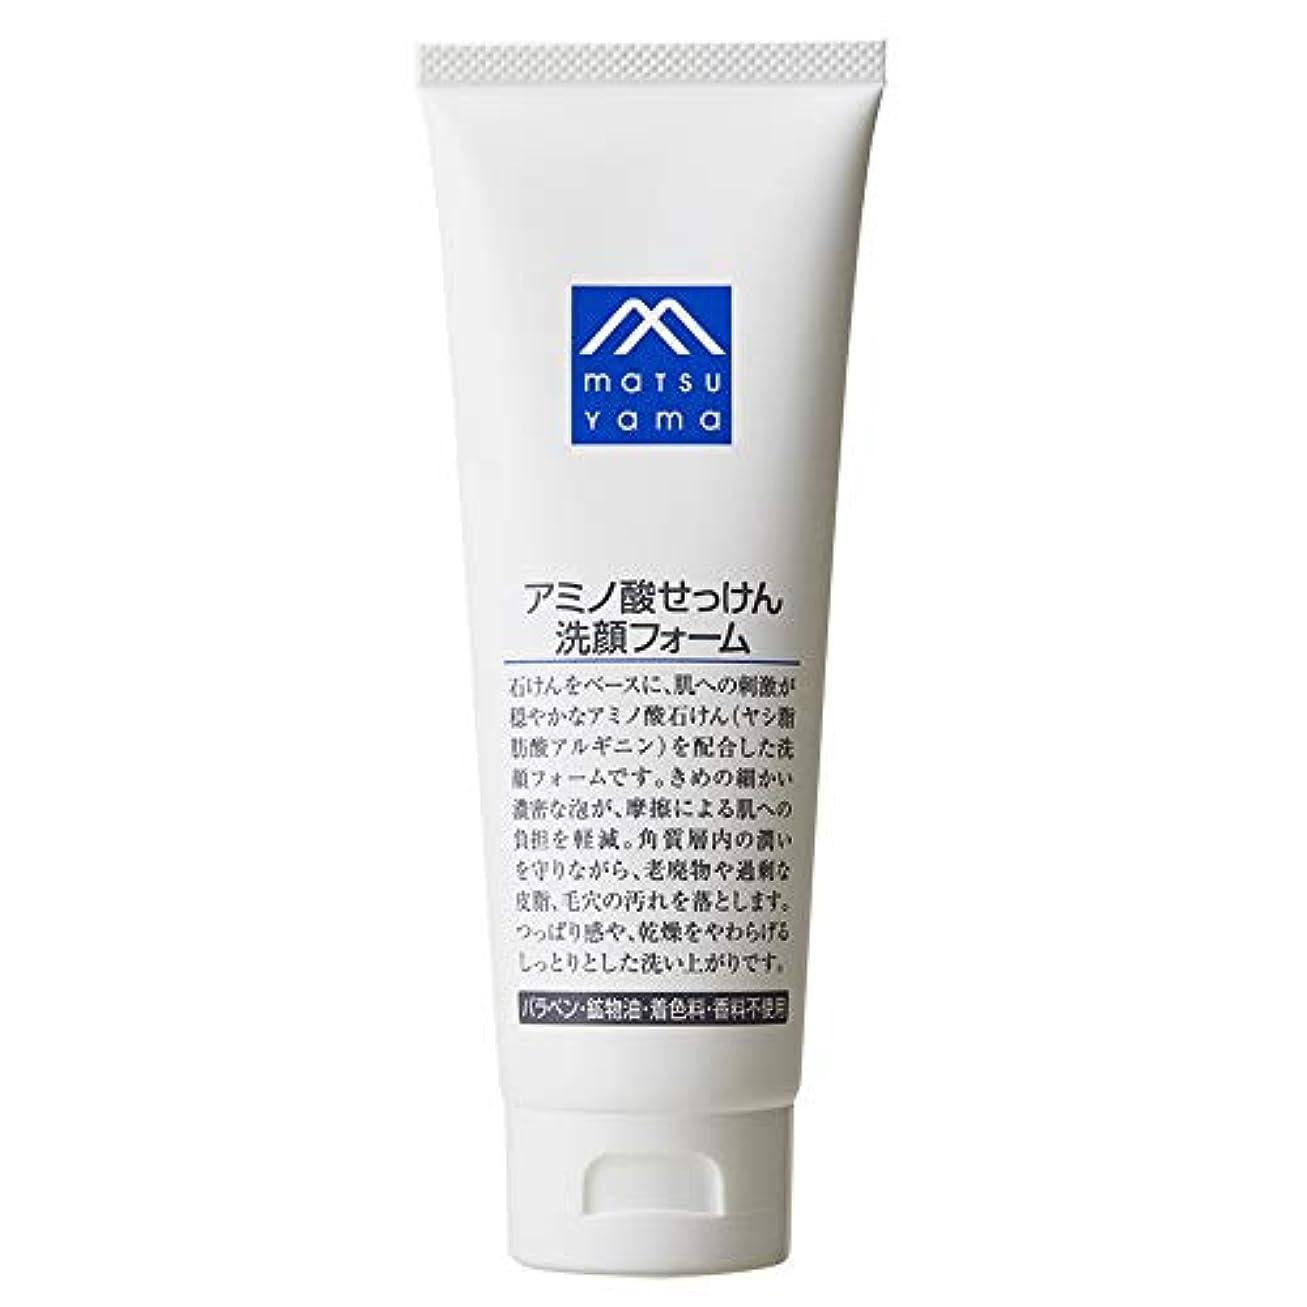 ステージ冷酷なゴミMマーク(M-mark) アミノ酸せっけん洗顔フォーム 120g